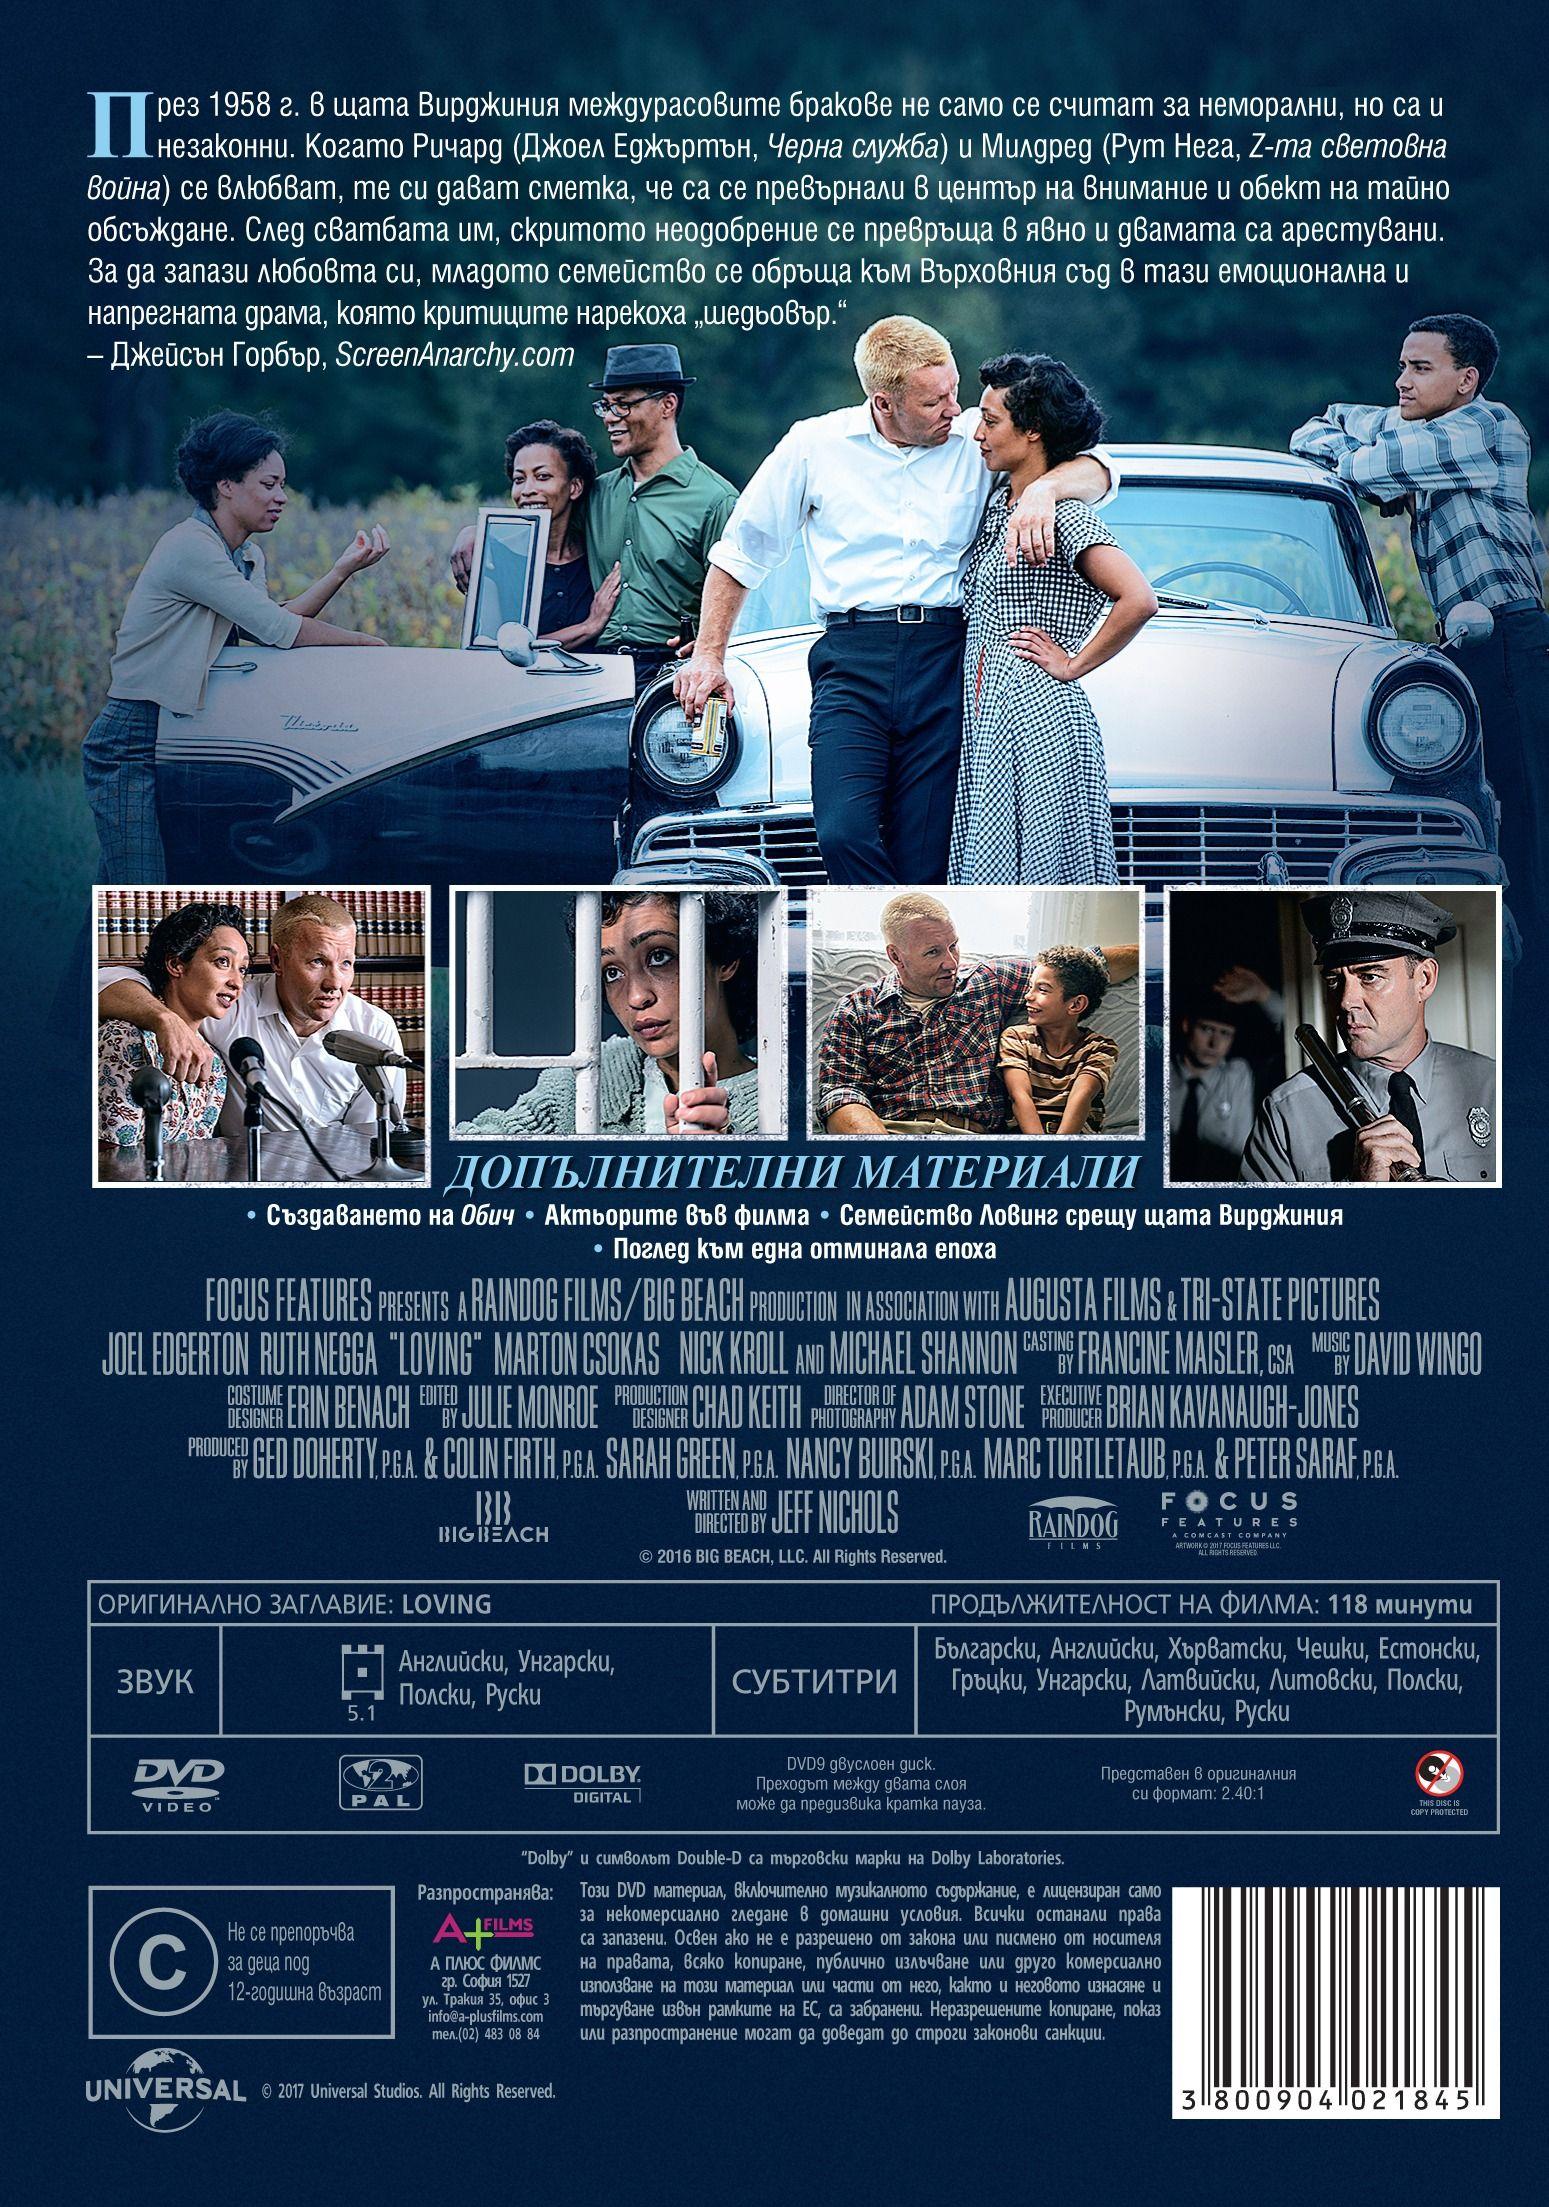 Обич (DVD) - 2